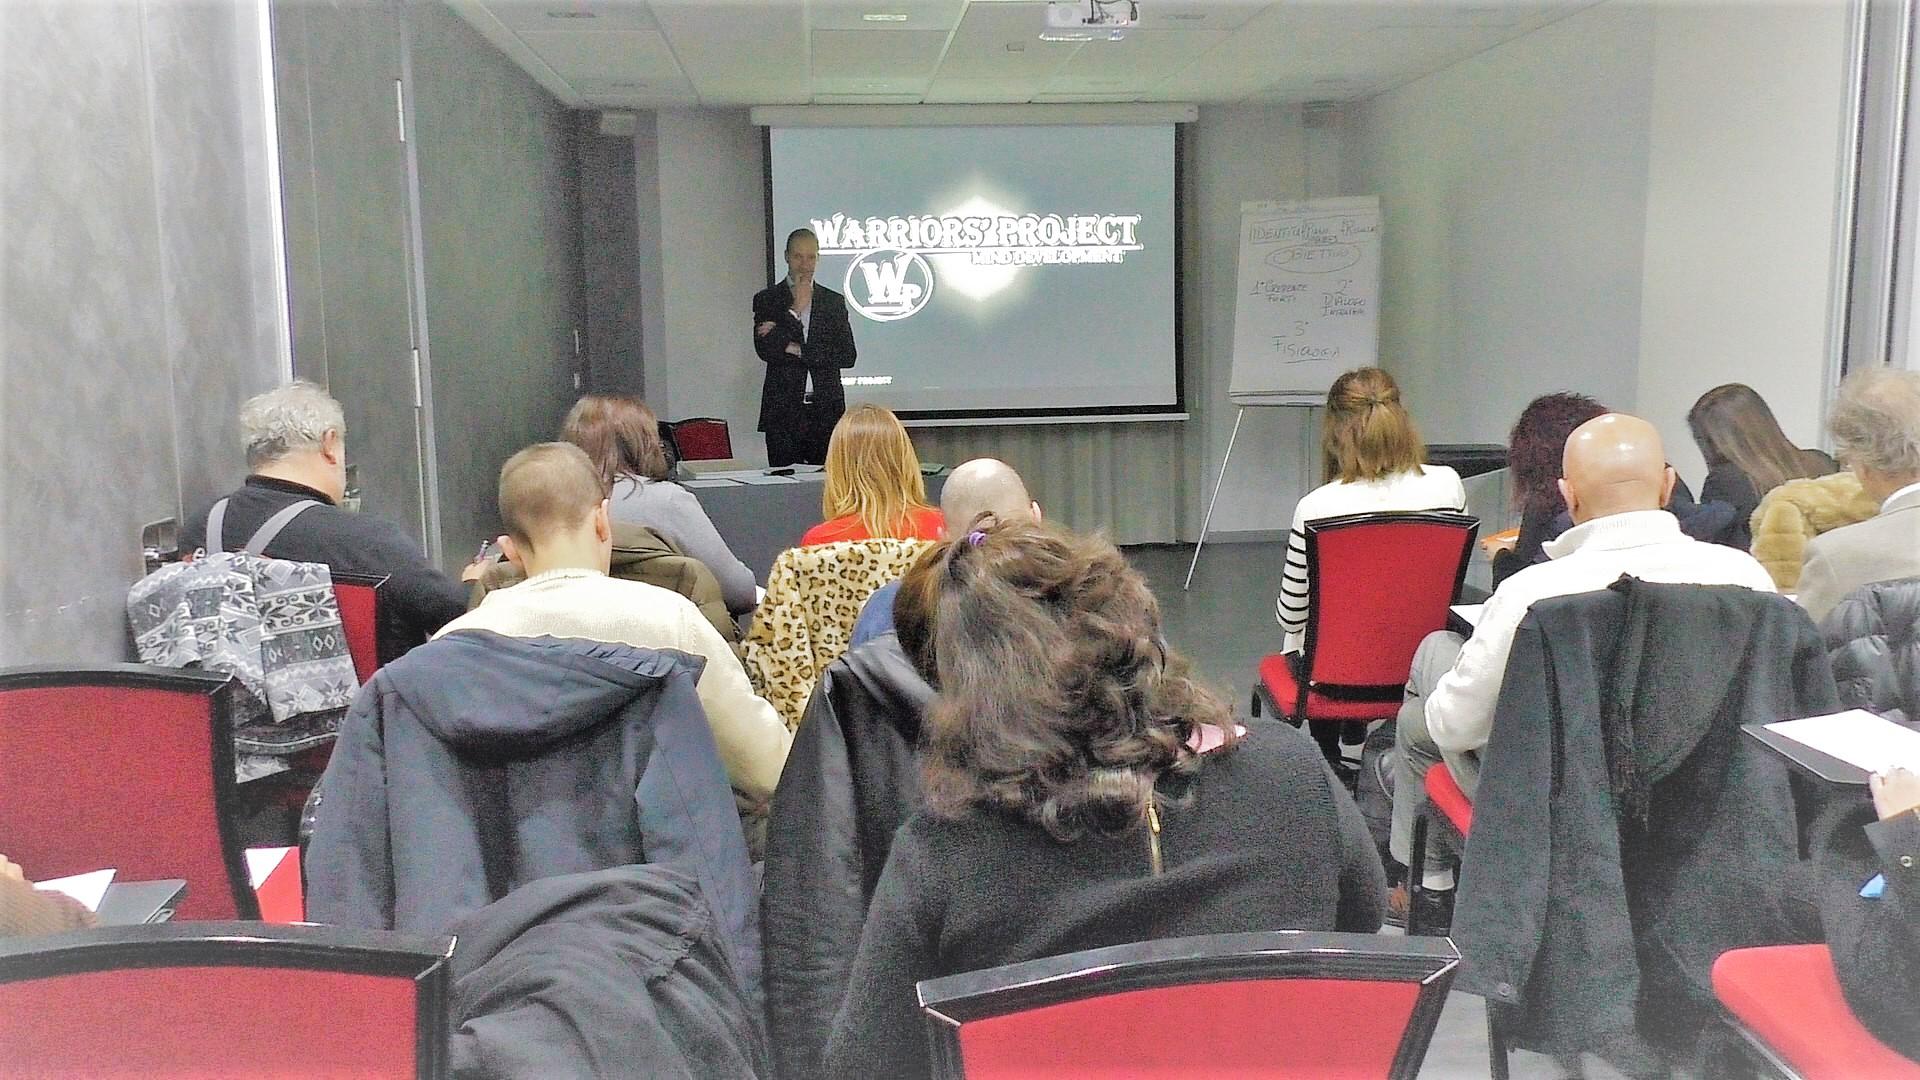 corso di formazione parma warriors project leadership emozioni superare limiti comunicazione ansia stess migliorare obiettivi strategia successo vincenzo cento parma